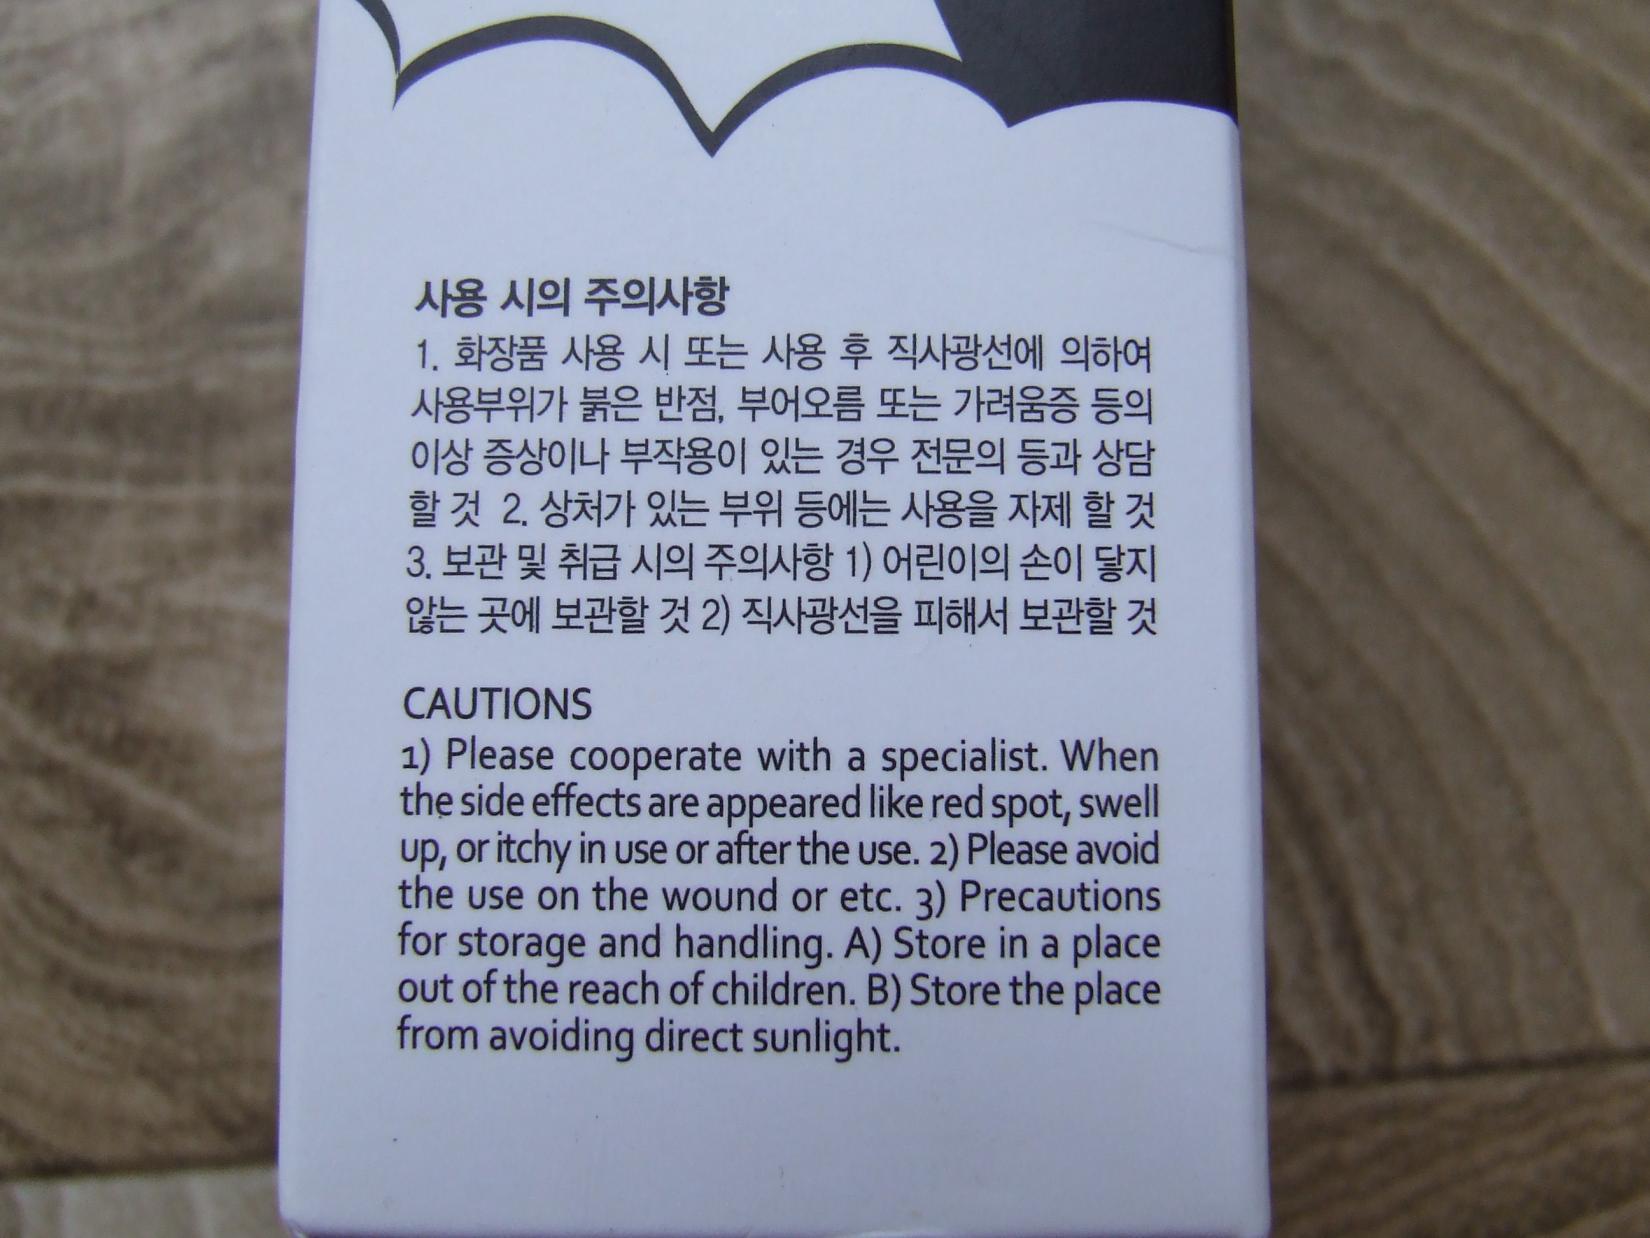 Пенка для умывания Esfolio молочная - коробка, предупреждения производителя